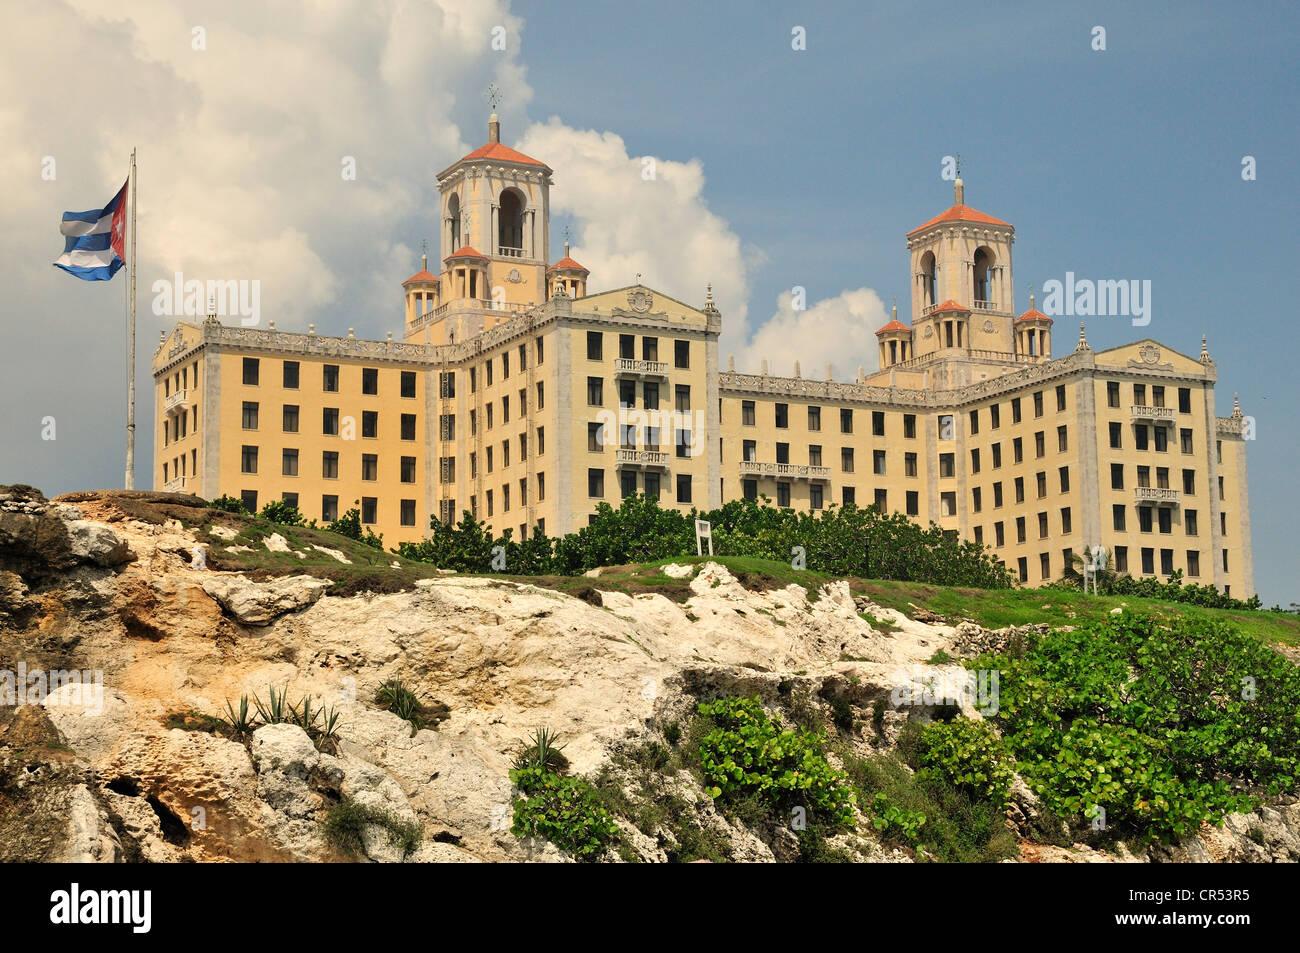 Hotel Nacional oder Hotel Gran Caribe, am Malecón Esplanade, Havanna, Kuba, Karibik Stockbild